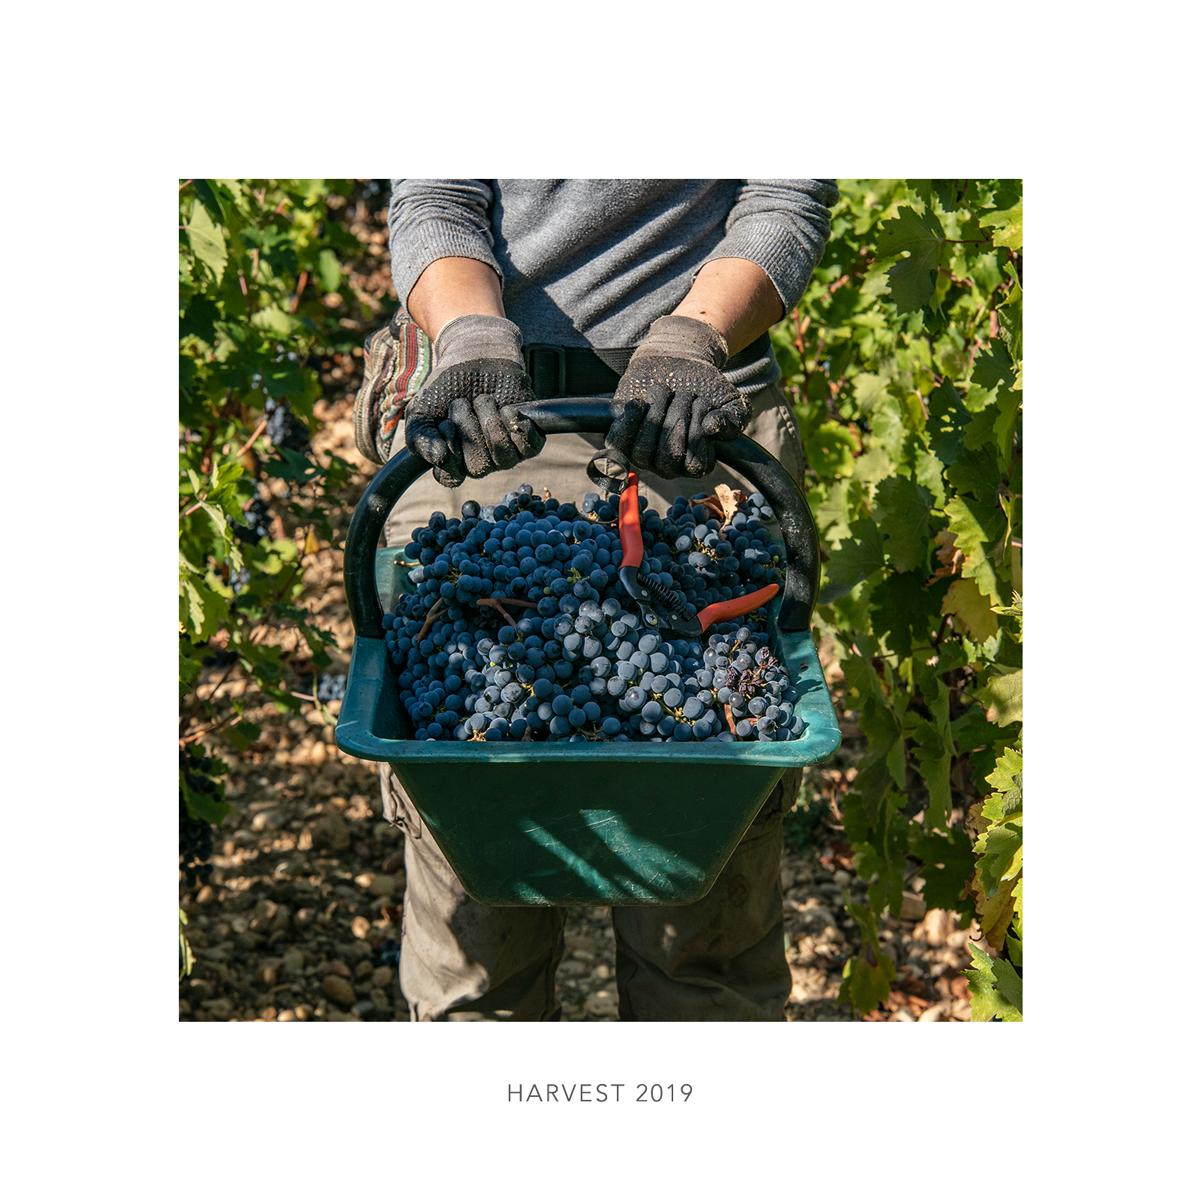 Harvest extract